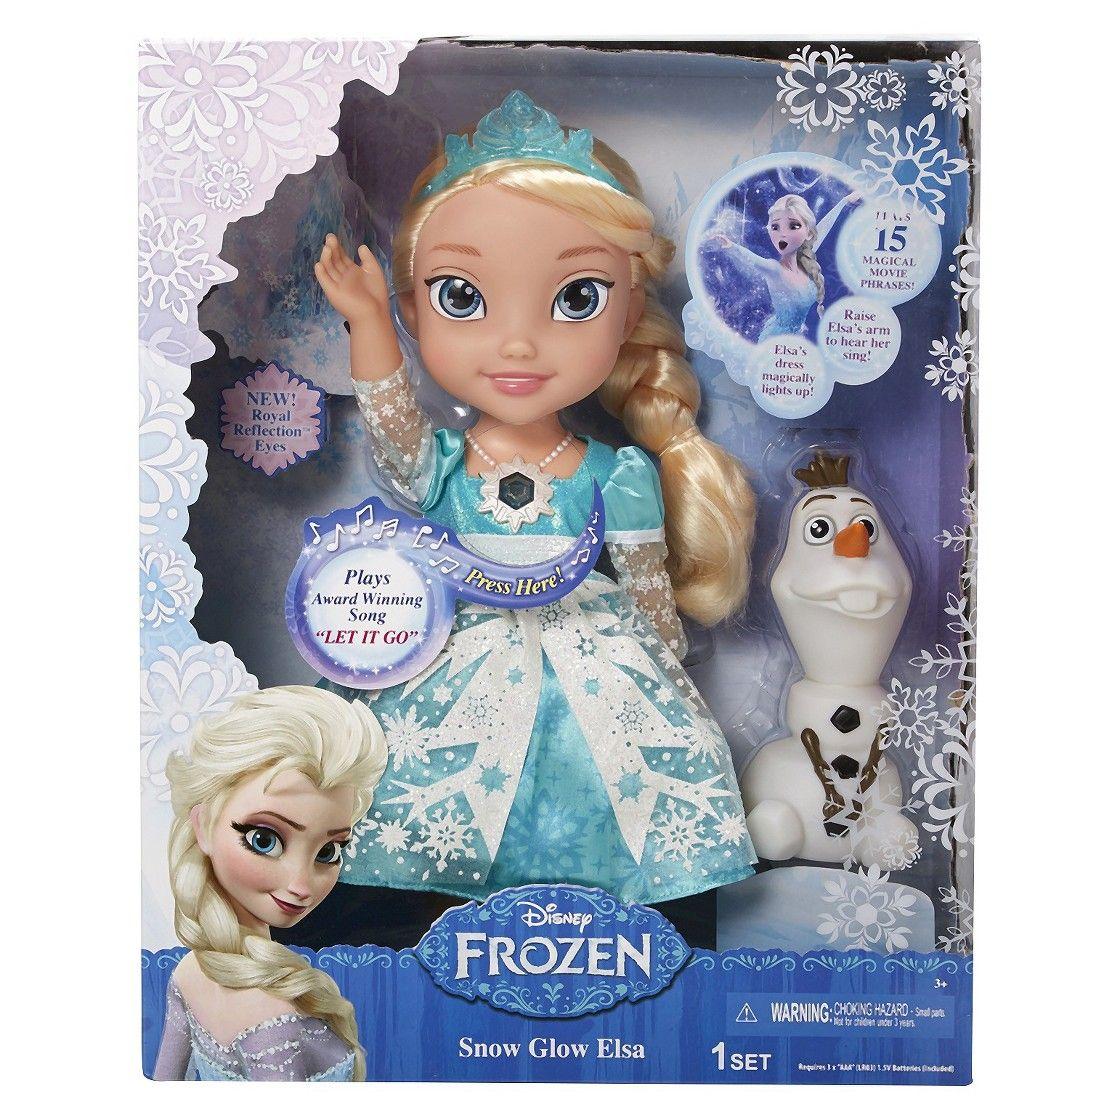 Disney Frozen Snow Glow Elsa my daughter wants this so bad ...